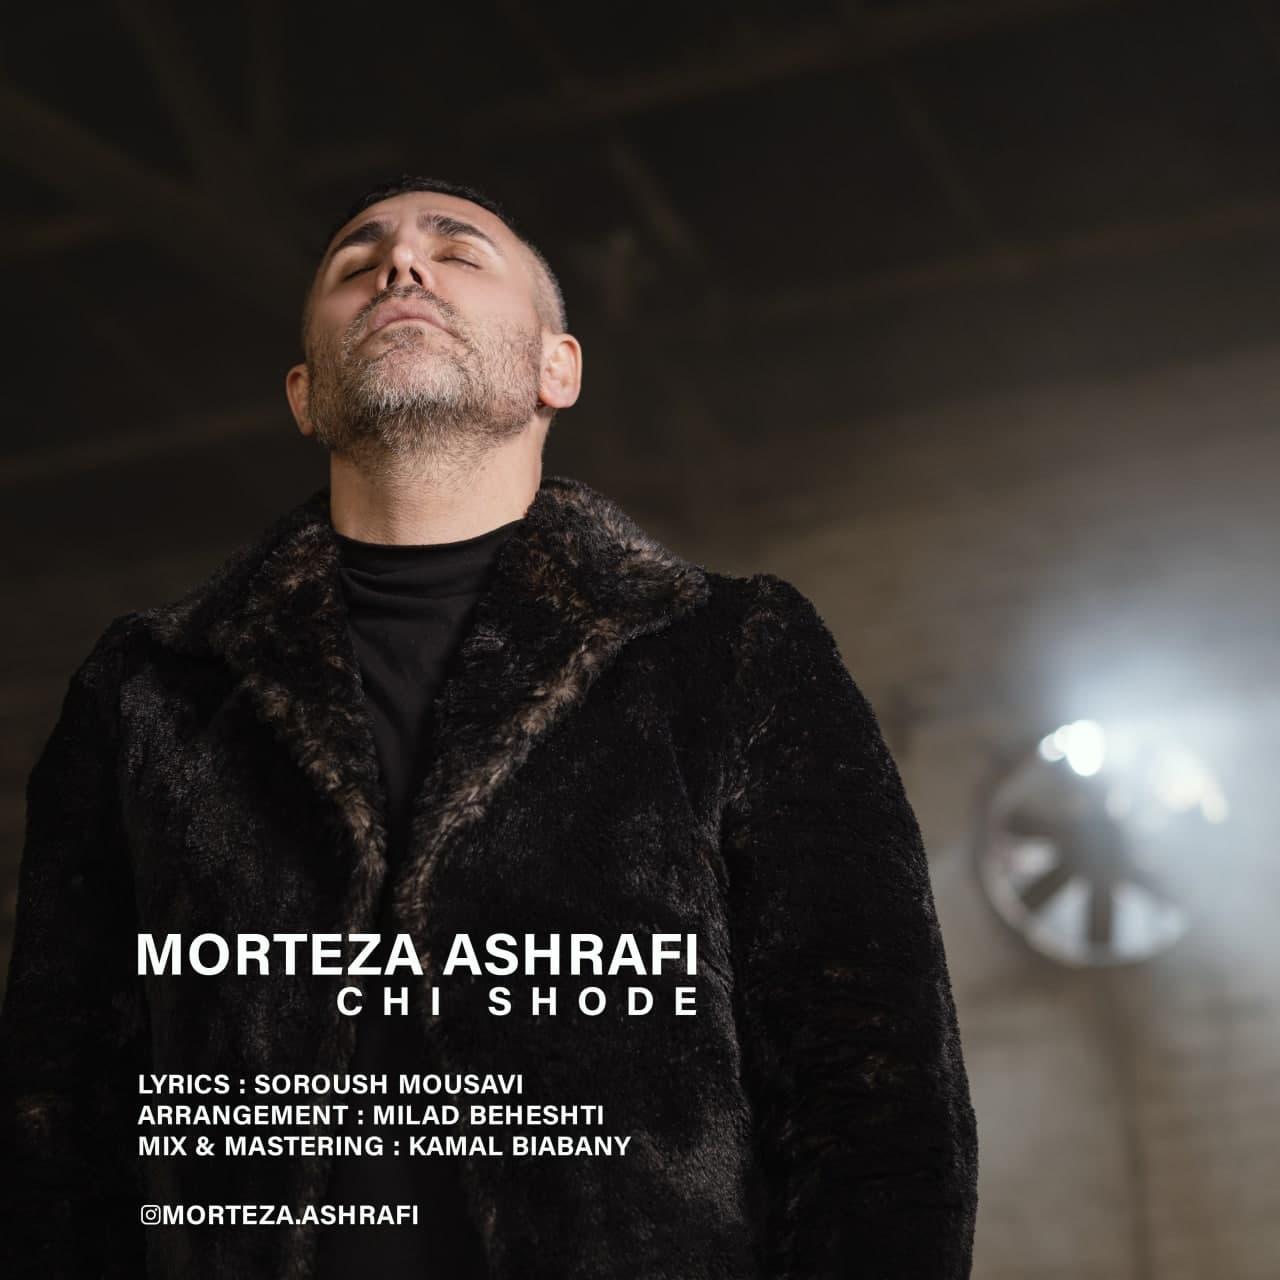 دانلود آهنگ جدید چی شده مرتضی اشرفی